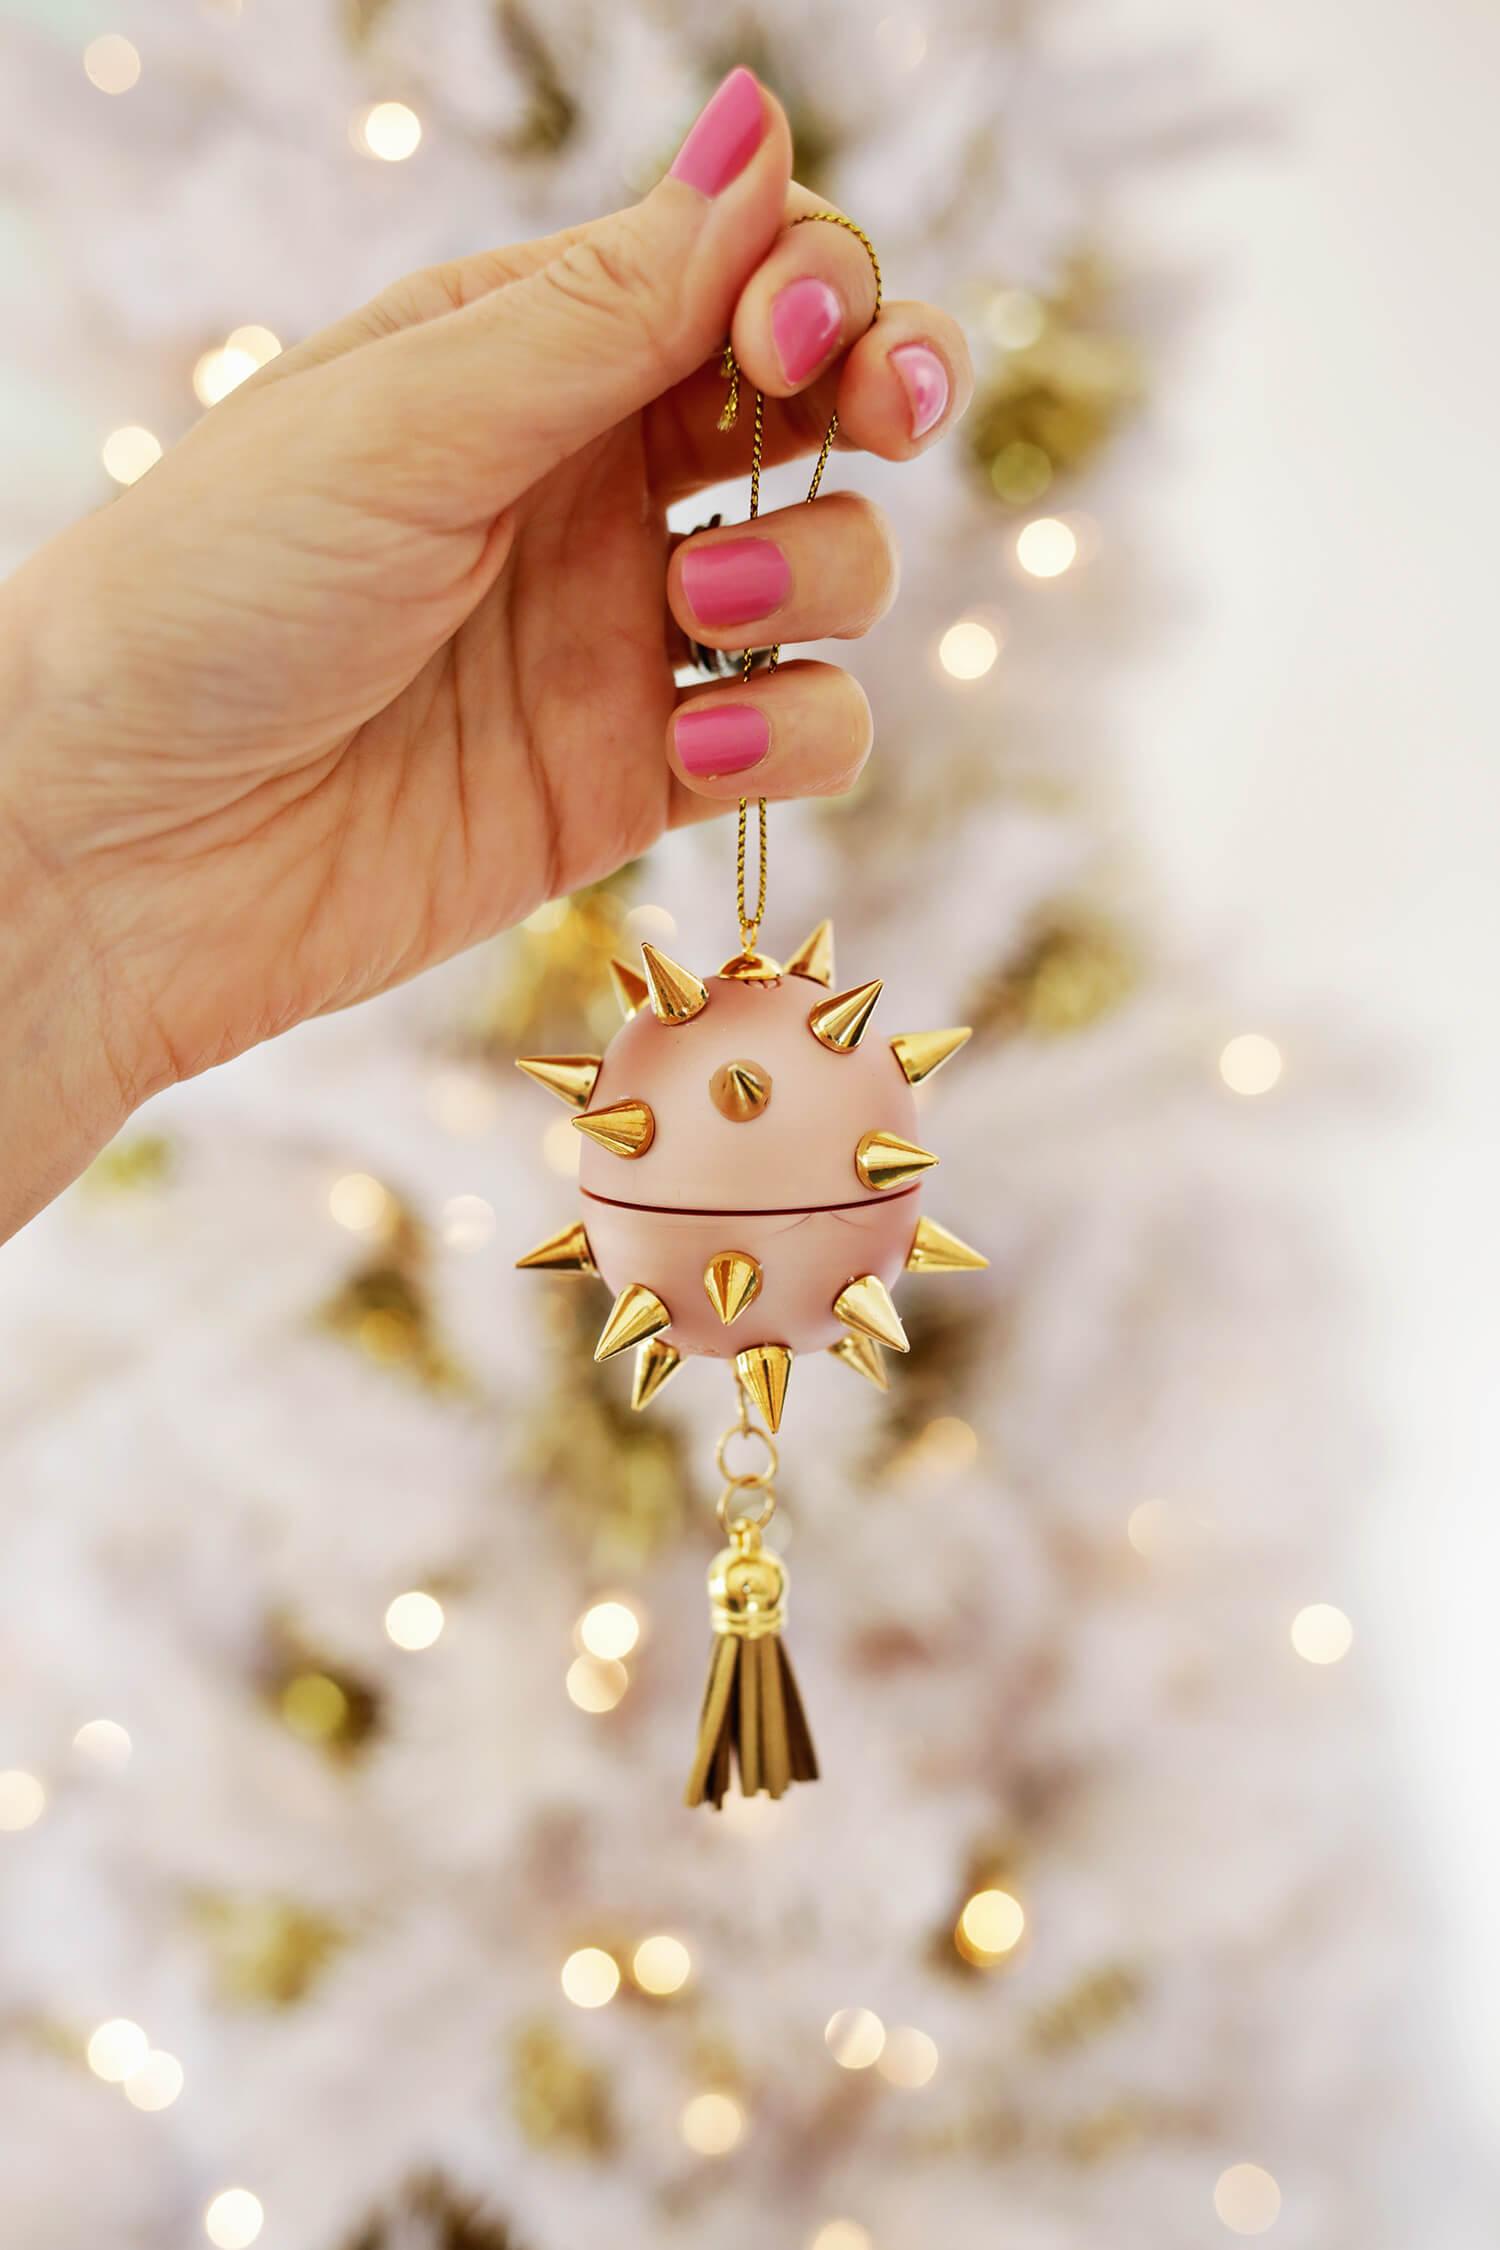 Lip balm ornament idea